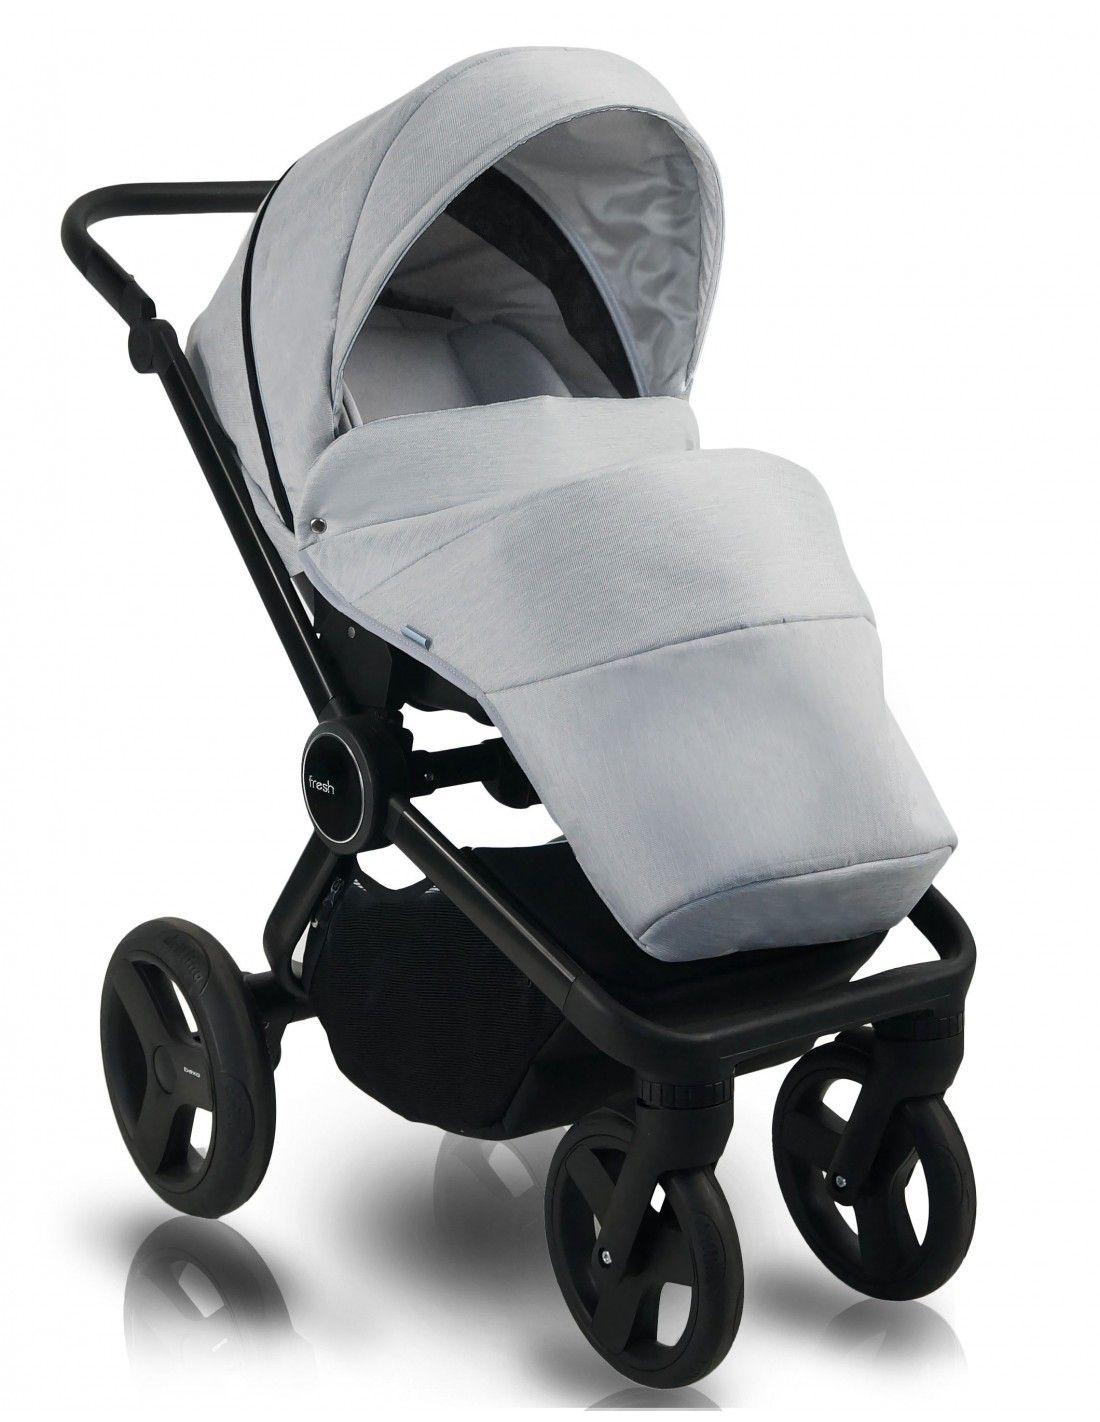 Silla de paseo todoterreno de babyactive la mejor en terreno - Milanuncios sillas de paseo ...